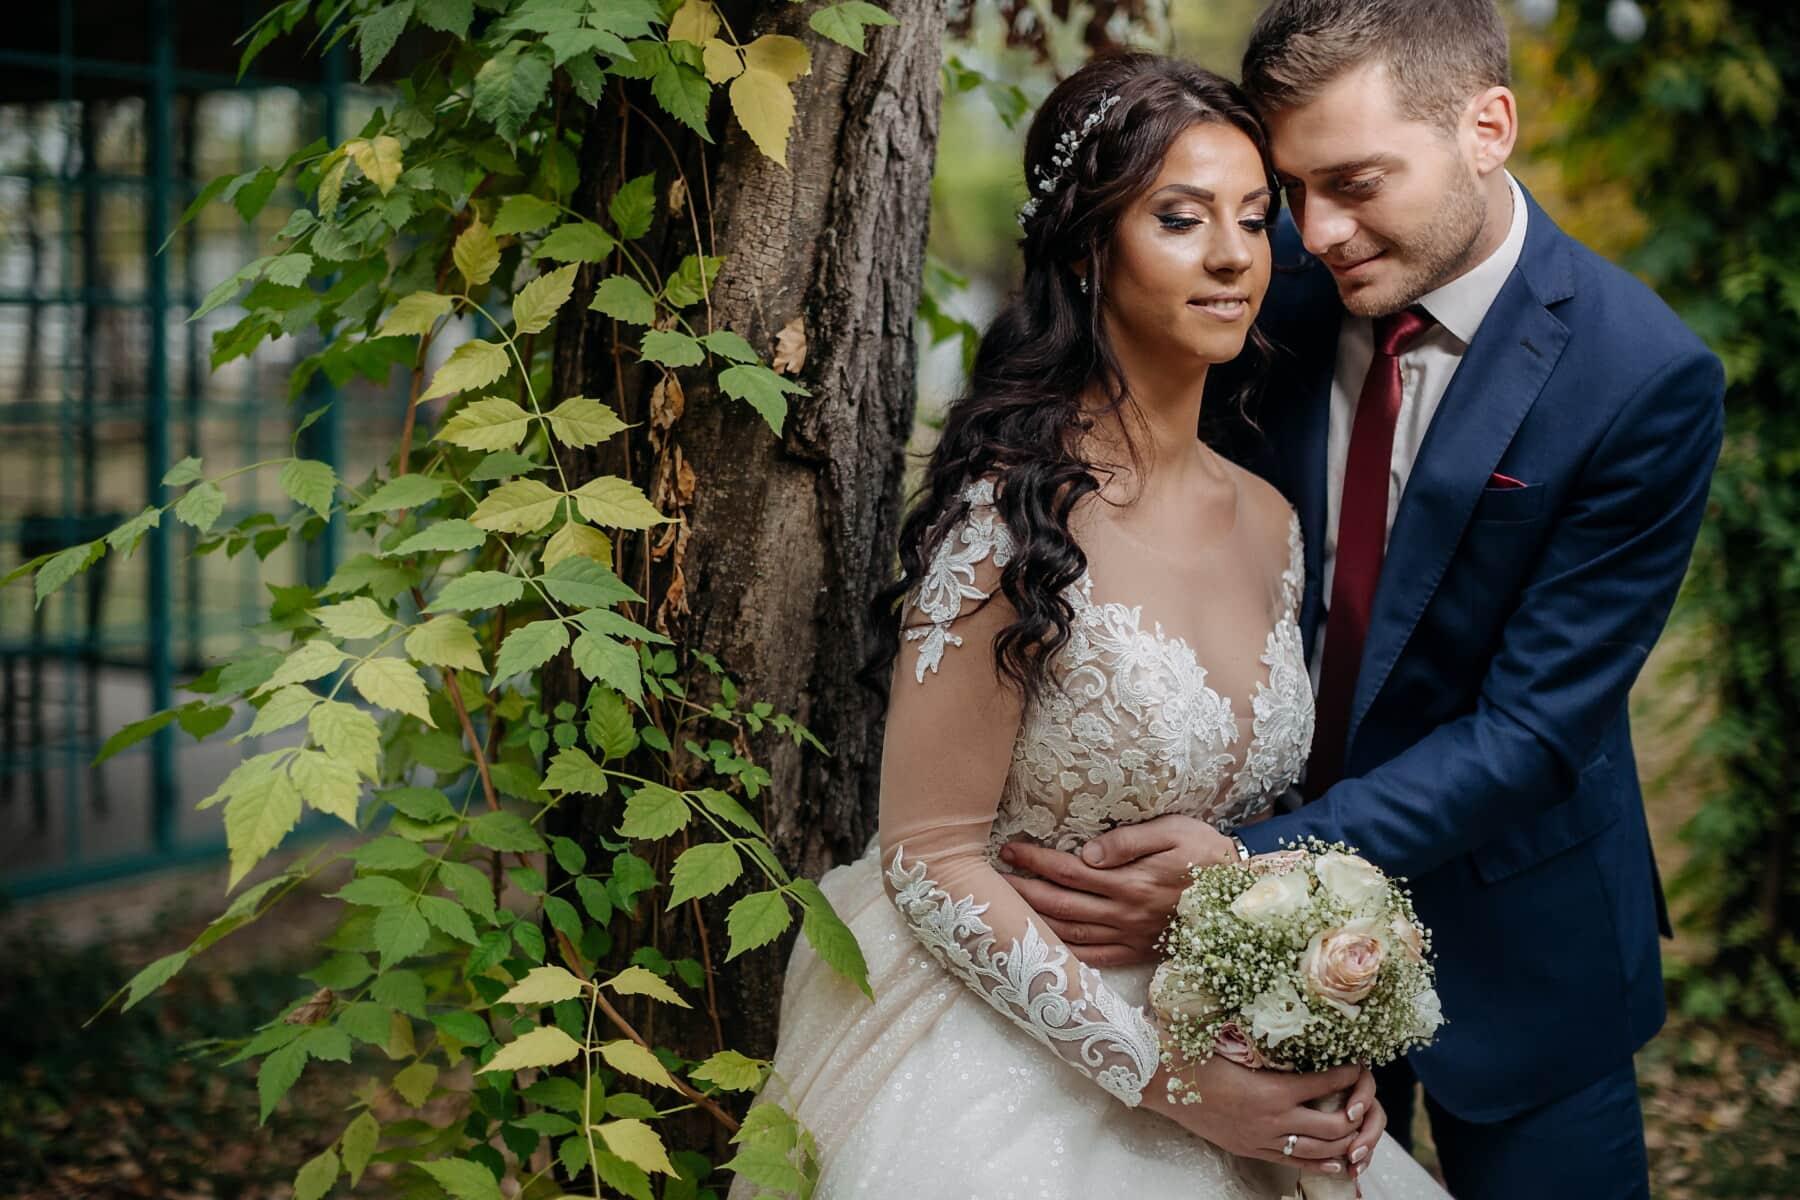 bruid, liefde, bruidegom, huwelijk, Aftelkalender voor Valentijnsdag, boeket, paar, bruiloft, betrokkenheid, jurk